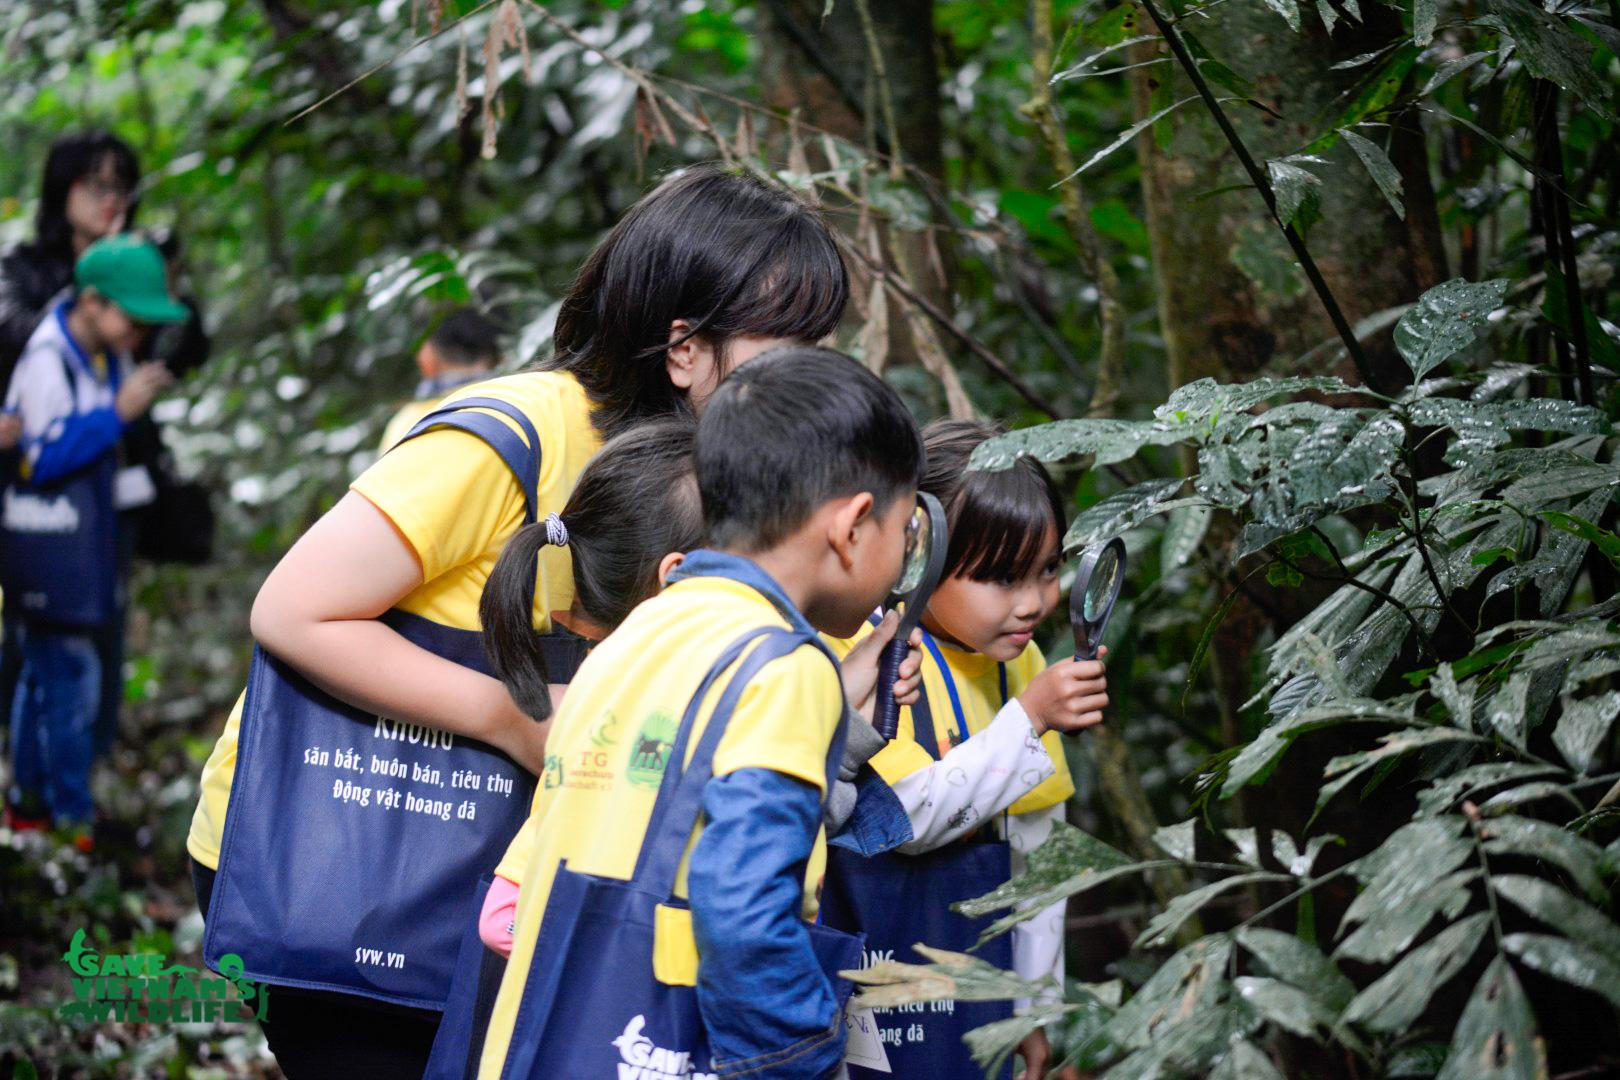 """Các em nhỏ đang khám phá thiên nhiên trong vườn thực vật tại Vườn Quốc gia Cúc Phương, hoạt động này thuộc dự án """"Trao Bé Hạt Mầm"""" do Save Vietnam's Wildlife tổ chức. Ảnh: Save Vietnam's Wildlife."""